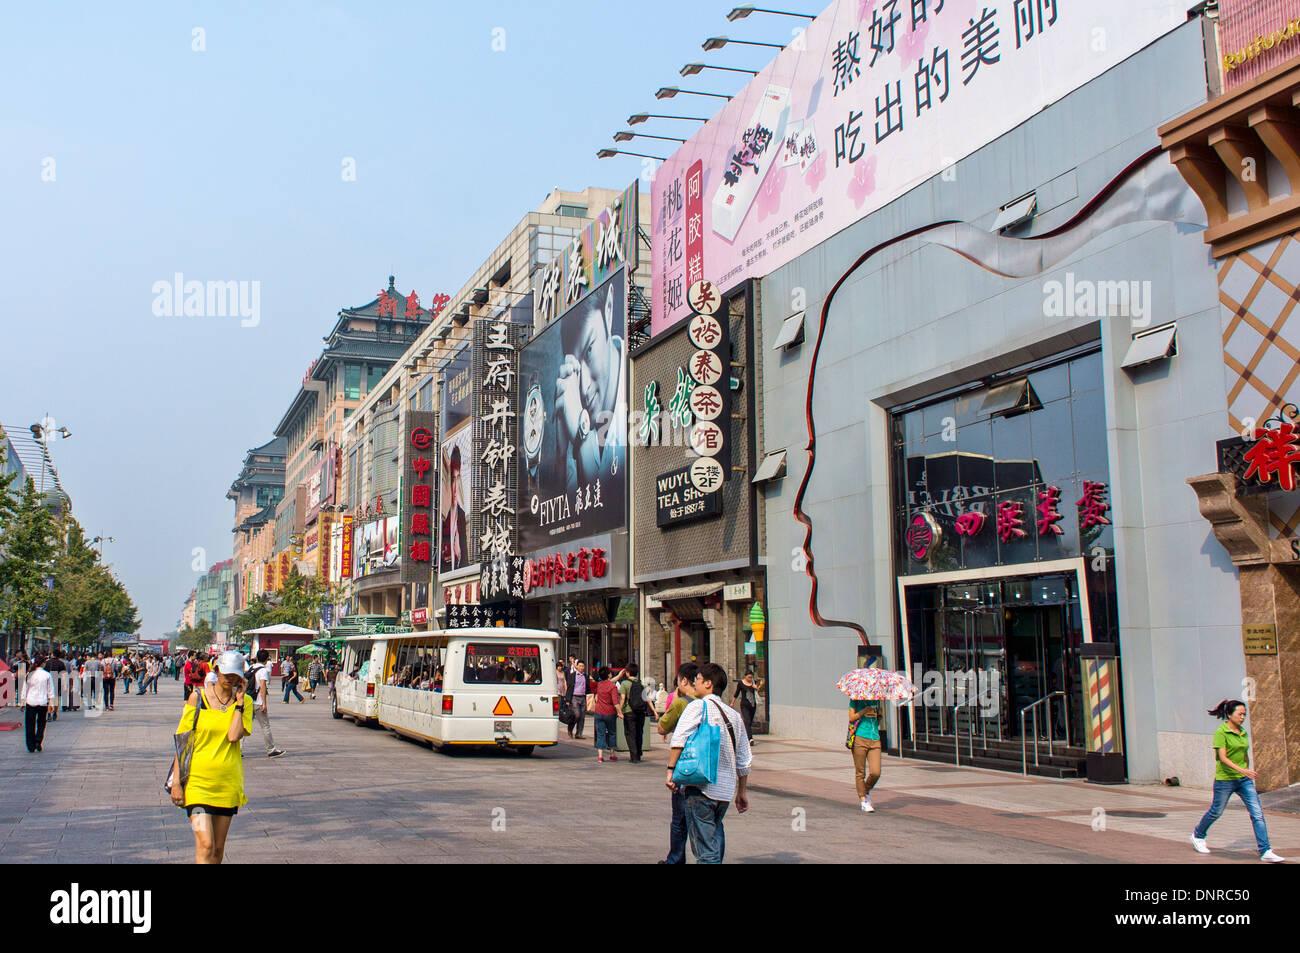 Wangfujing Street in Bejing, China - Stock Image